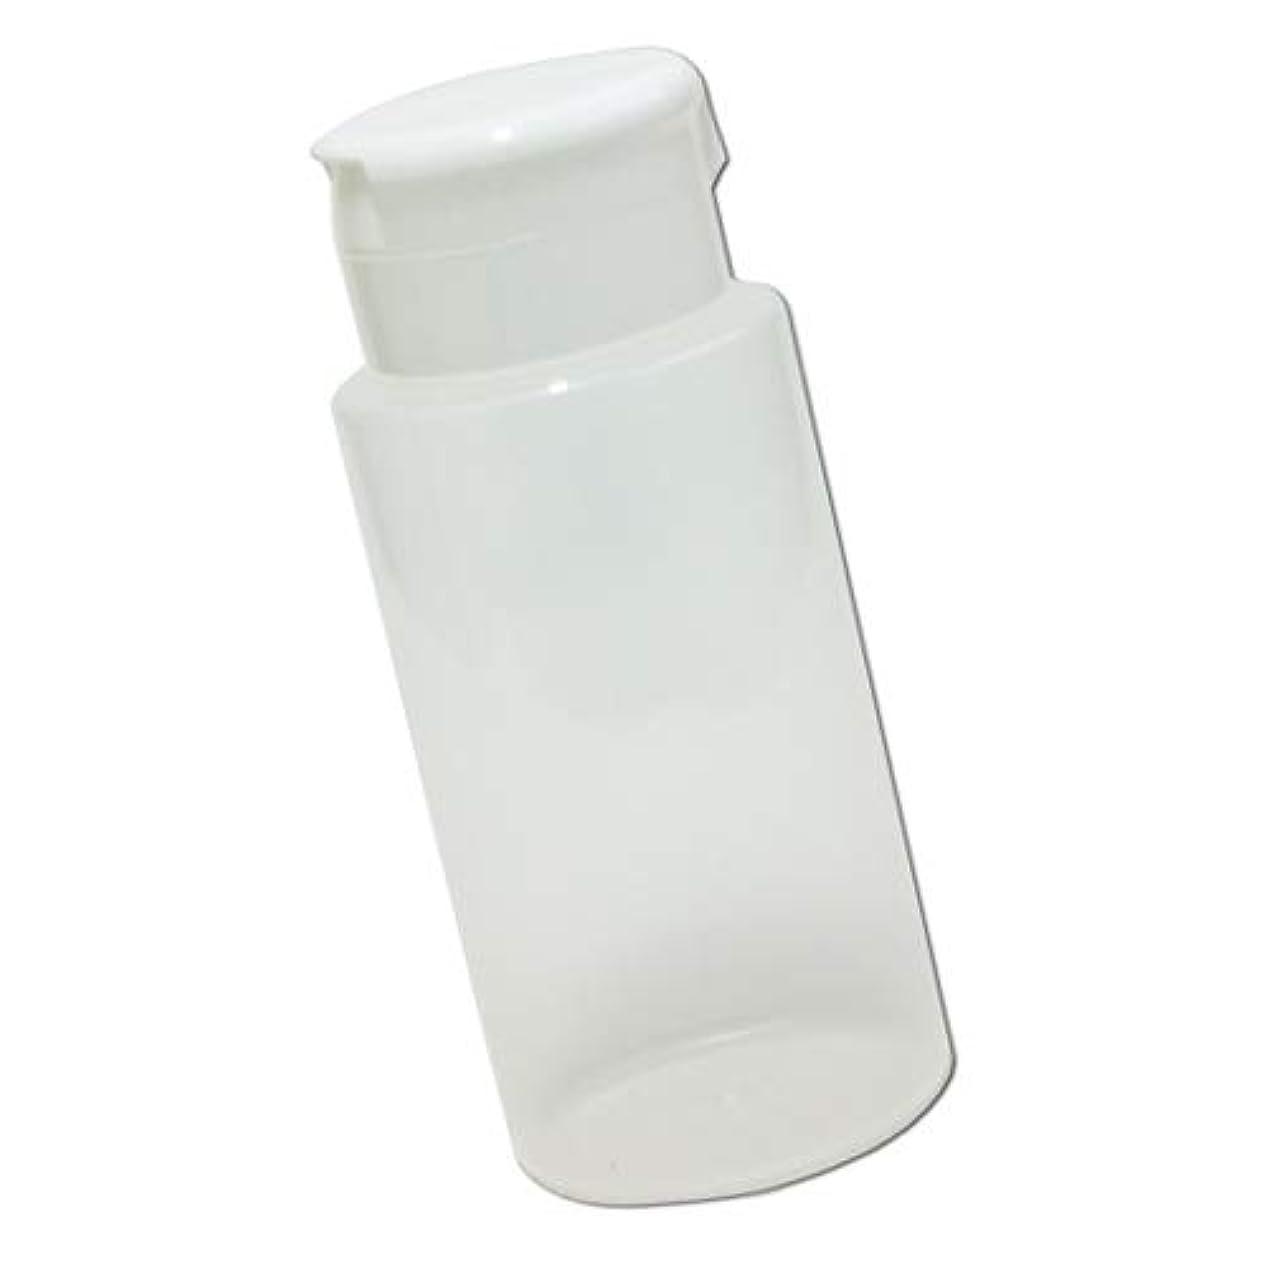 三角全体実際にワンタッチキャップ詰め替え容器370ml│業務用ローションやうがい薬、液体石鹸、調味料、化粧品の小分けに詰め替えボトル